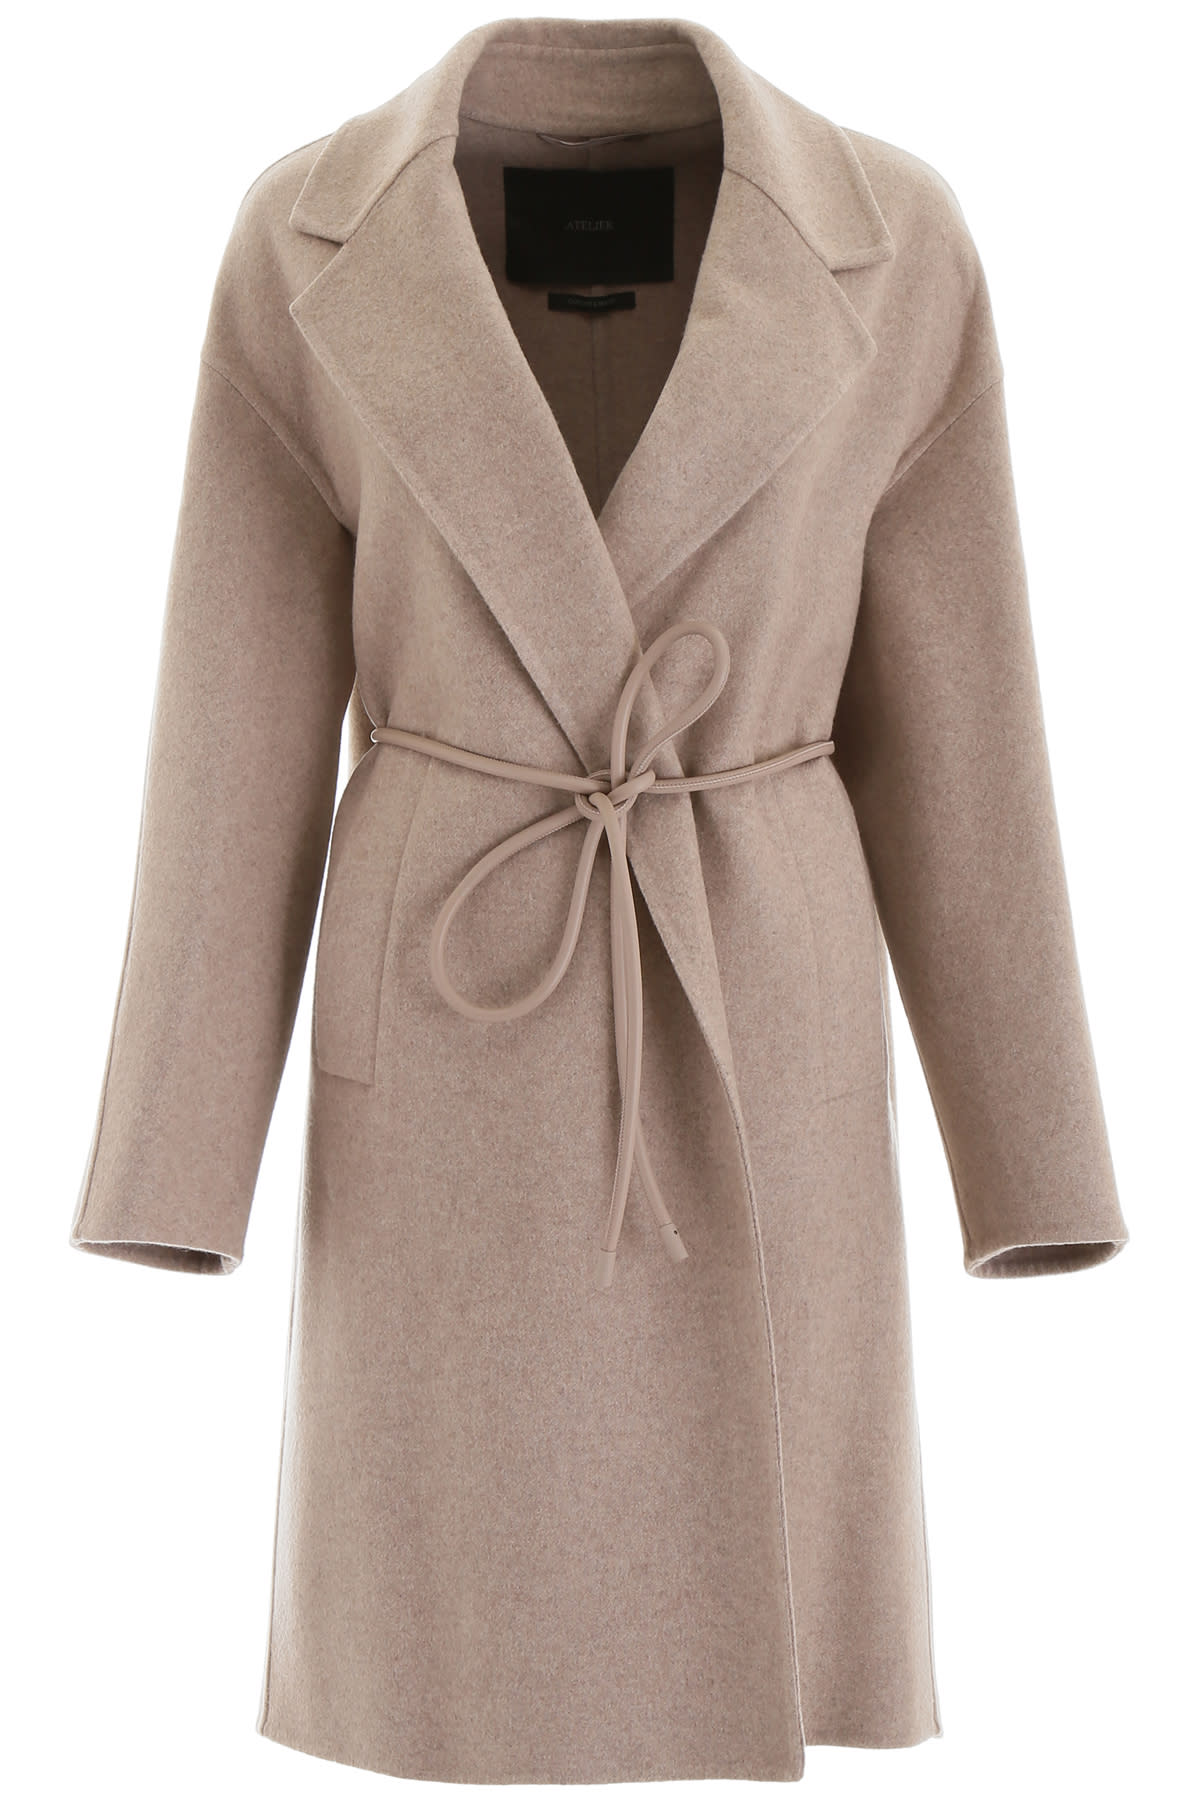 Max Mara Atelier Plava Coat